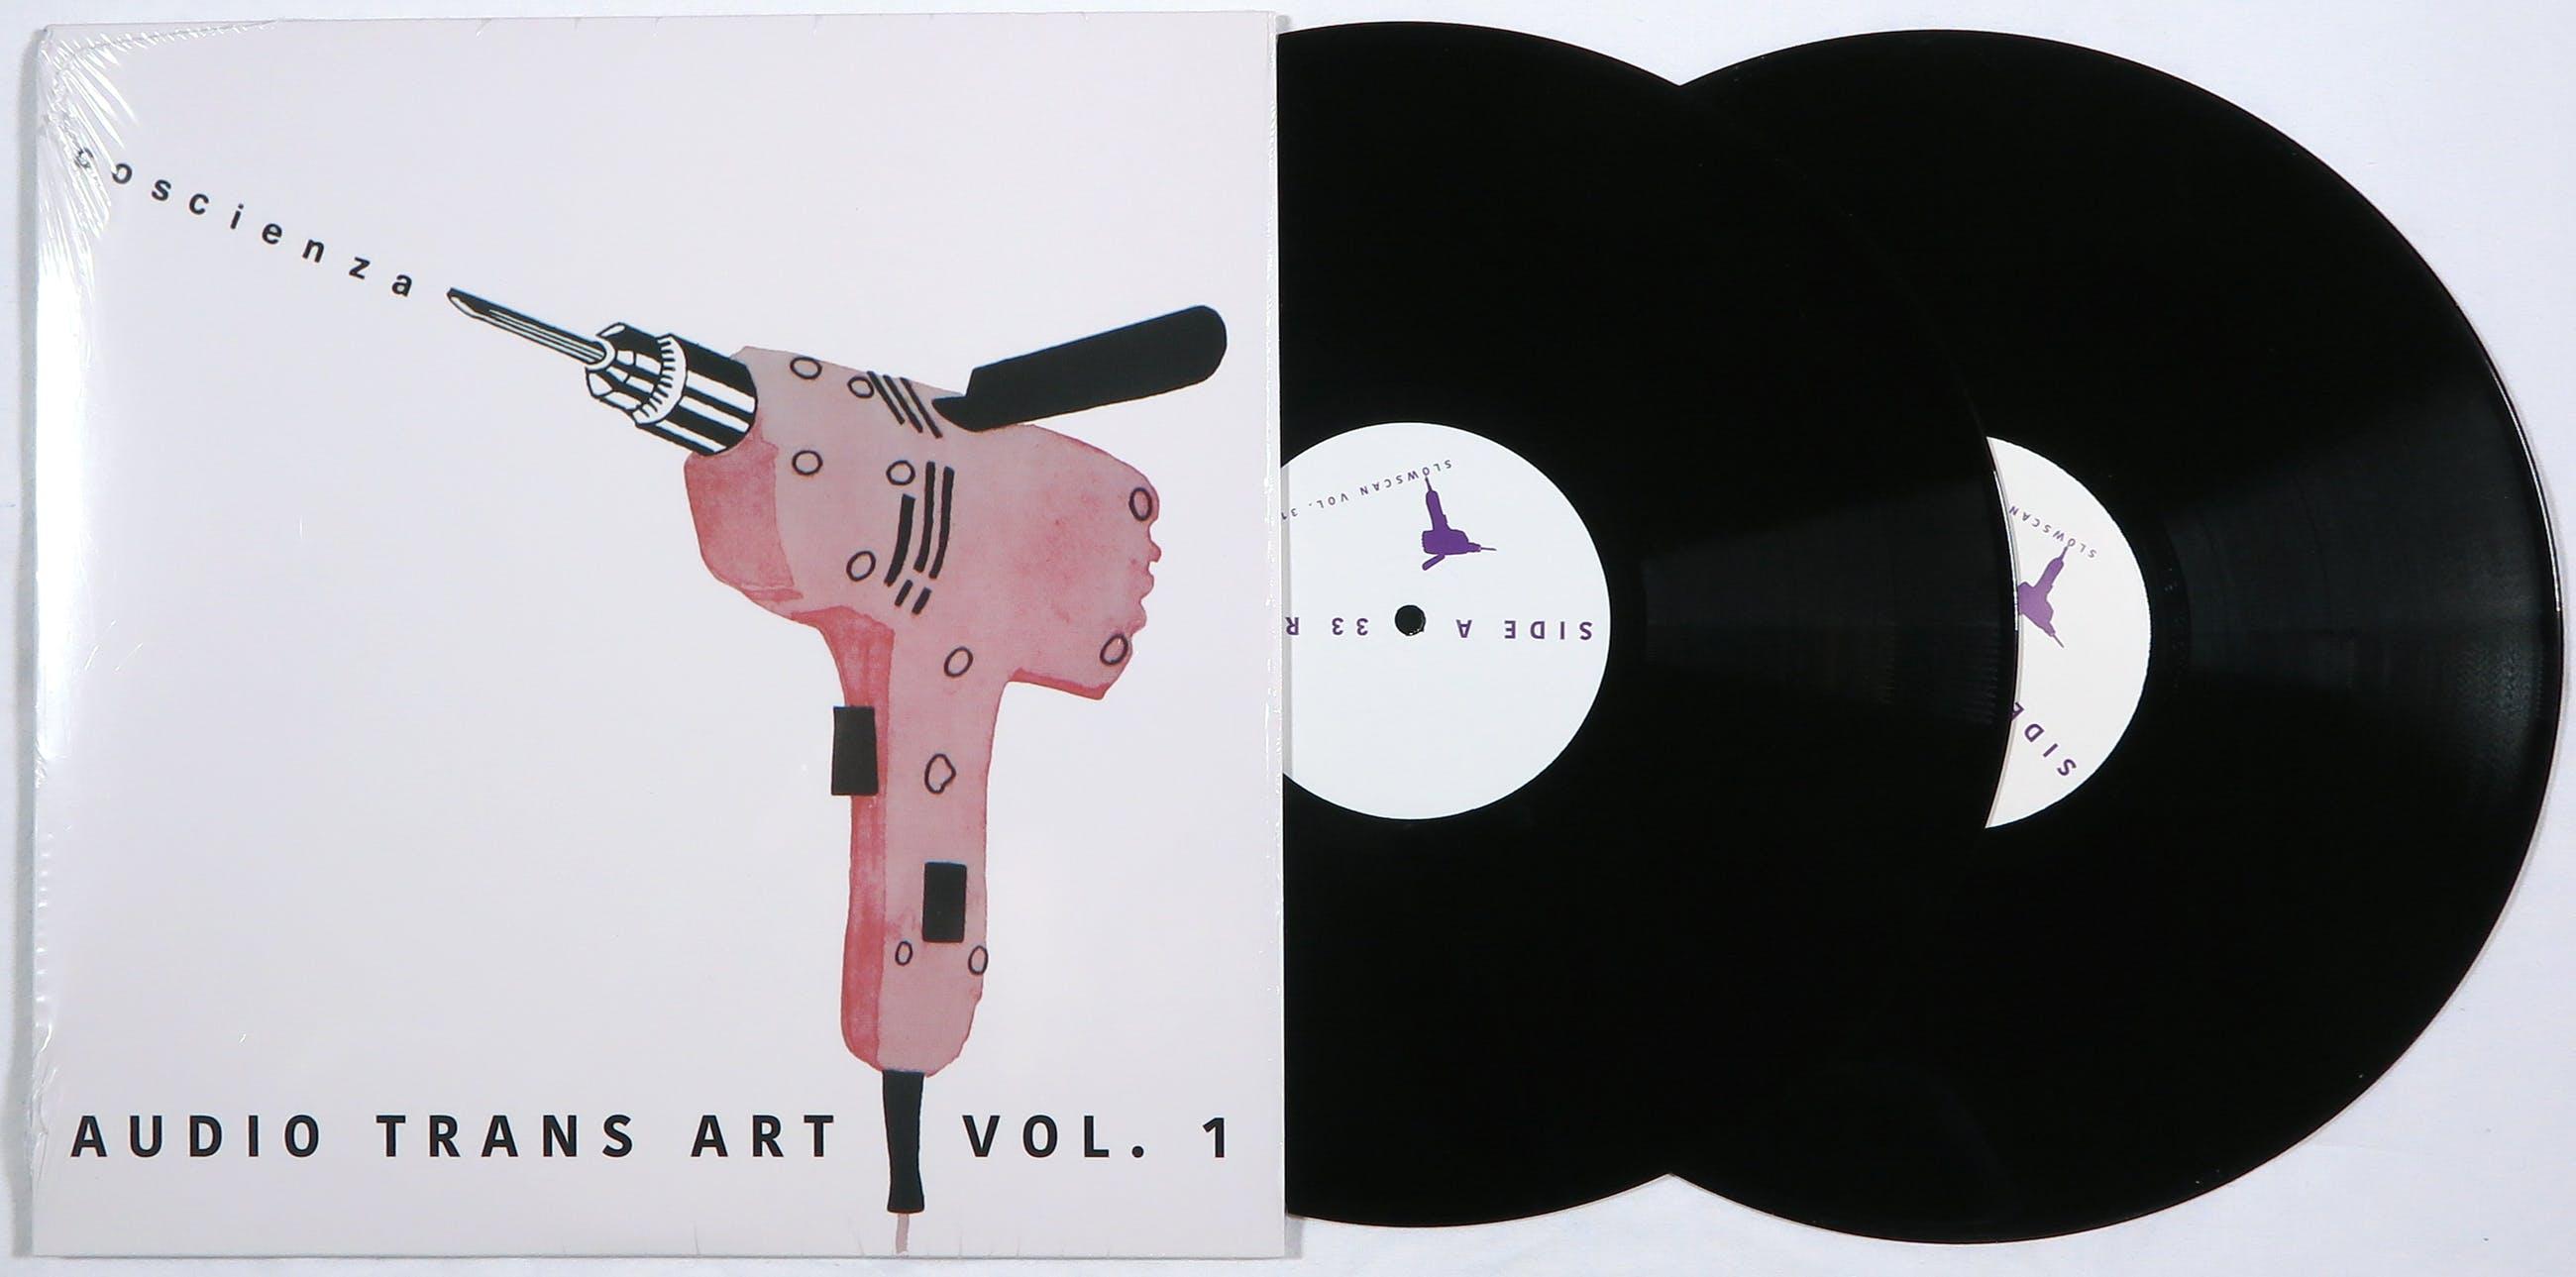 Various artists - Slowscan vol. 31 - Dubbel LP - Audio Trans Art Vol. 1 kopen? Bied vanaf 1!